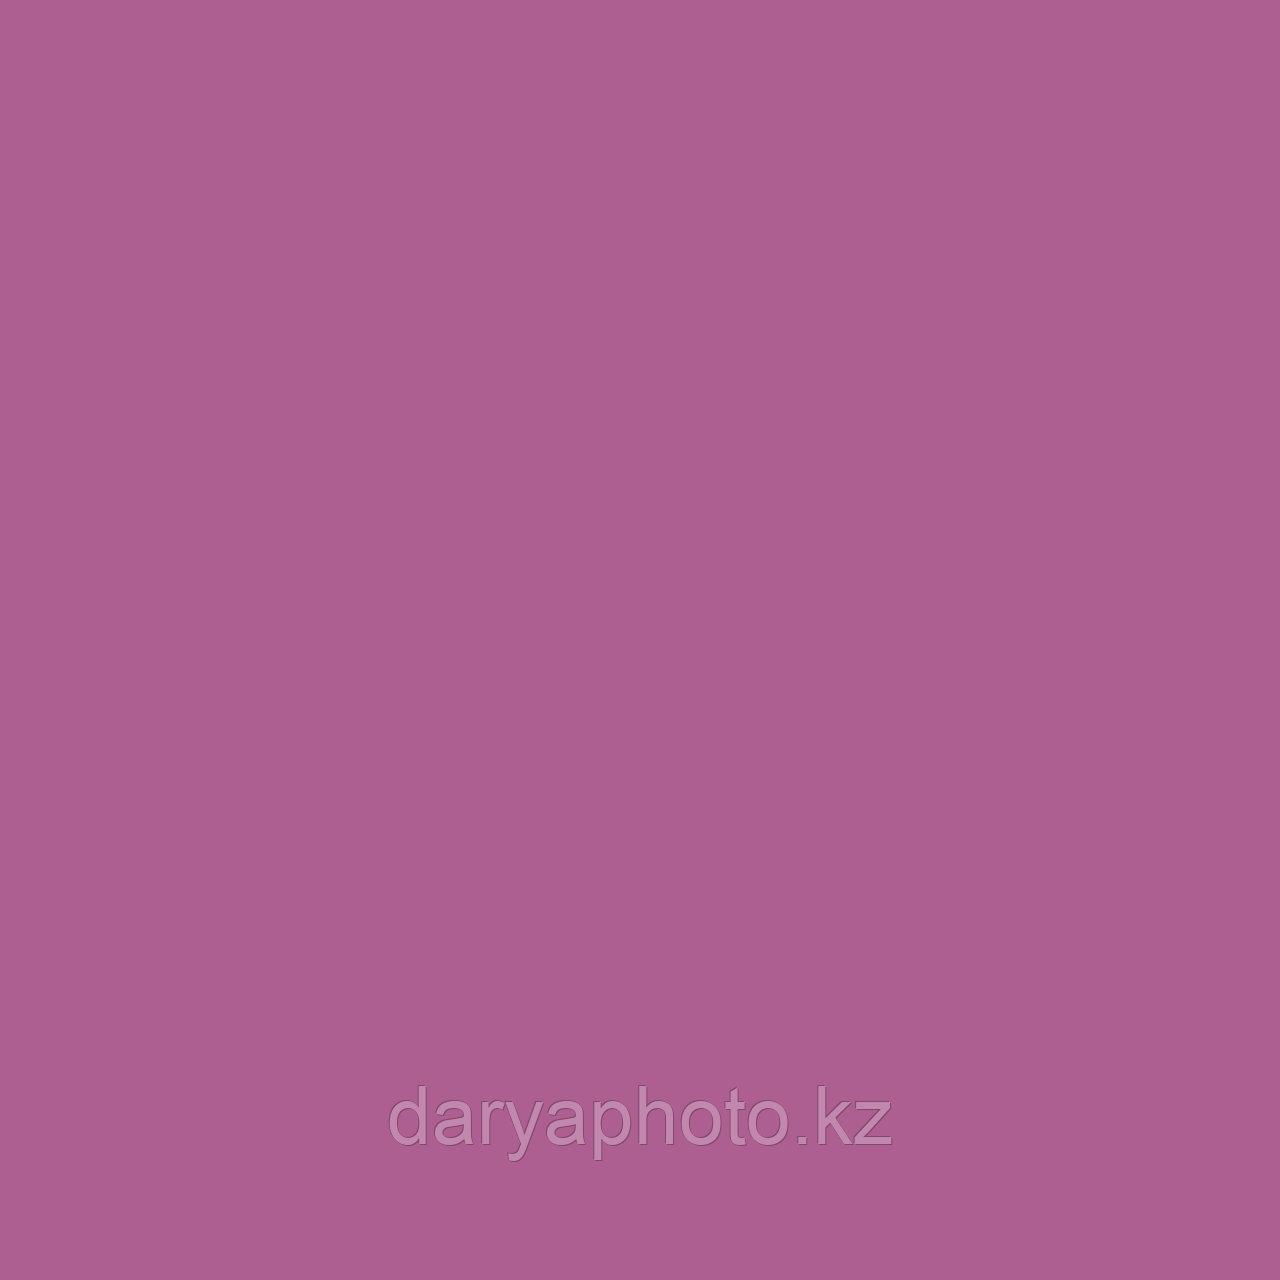 Рубиновый Фон бумажный. Фотофон. Фон для фотостудии